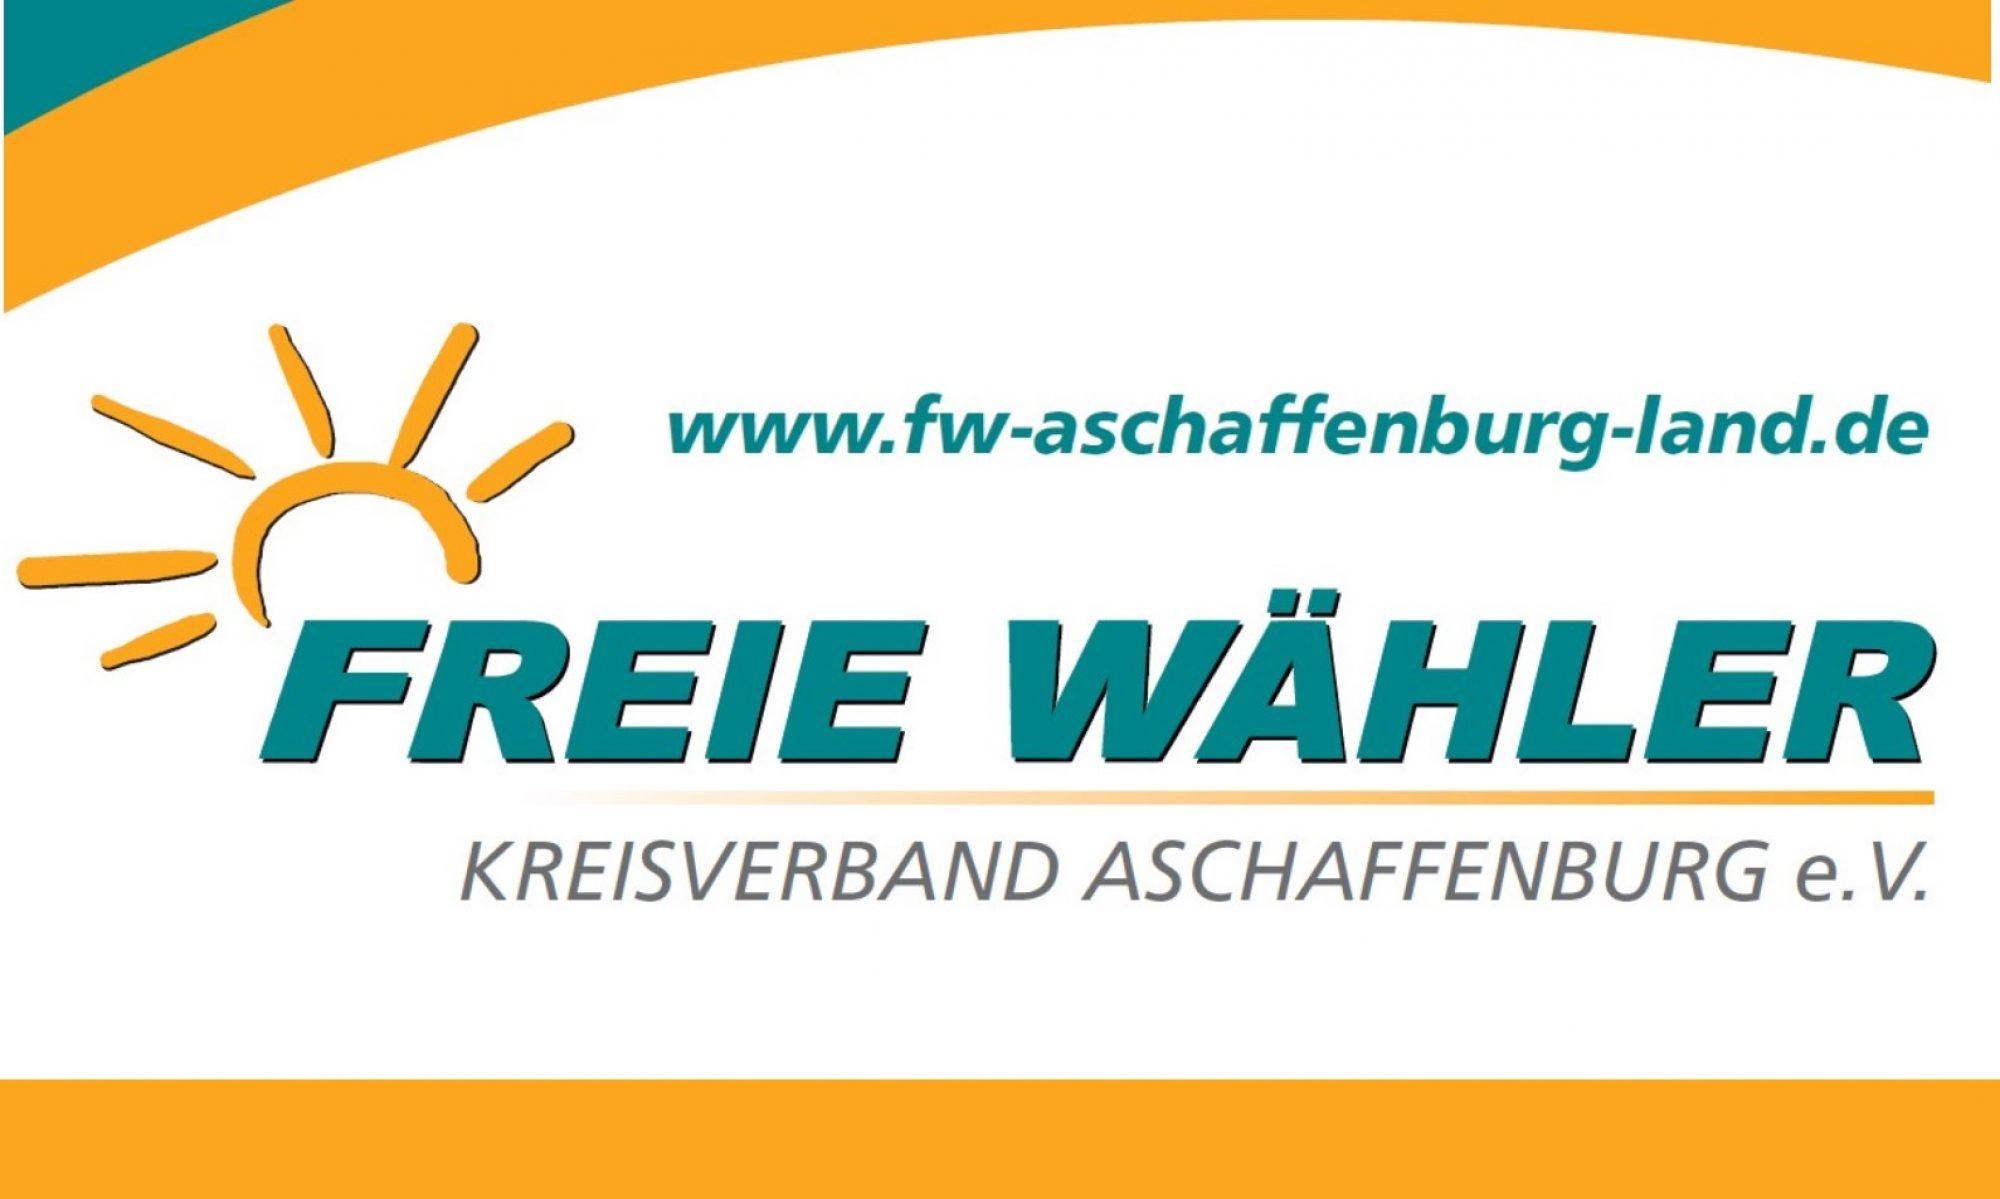 Freie Wähler Kreisverband Aschaffenburg Land